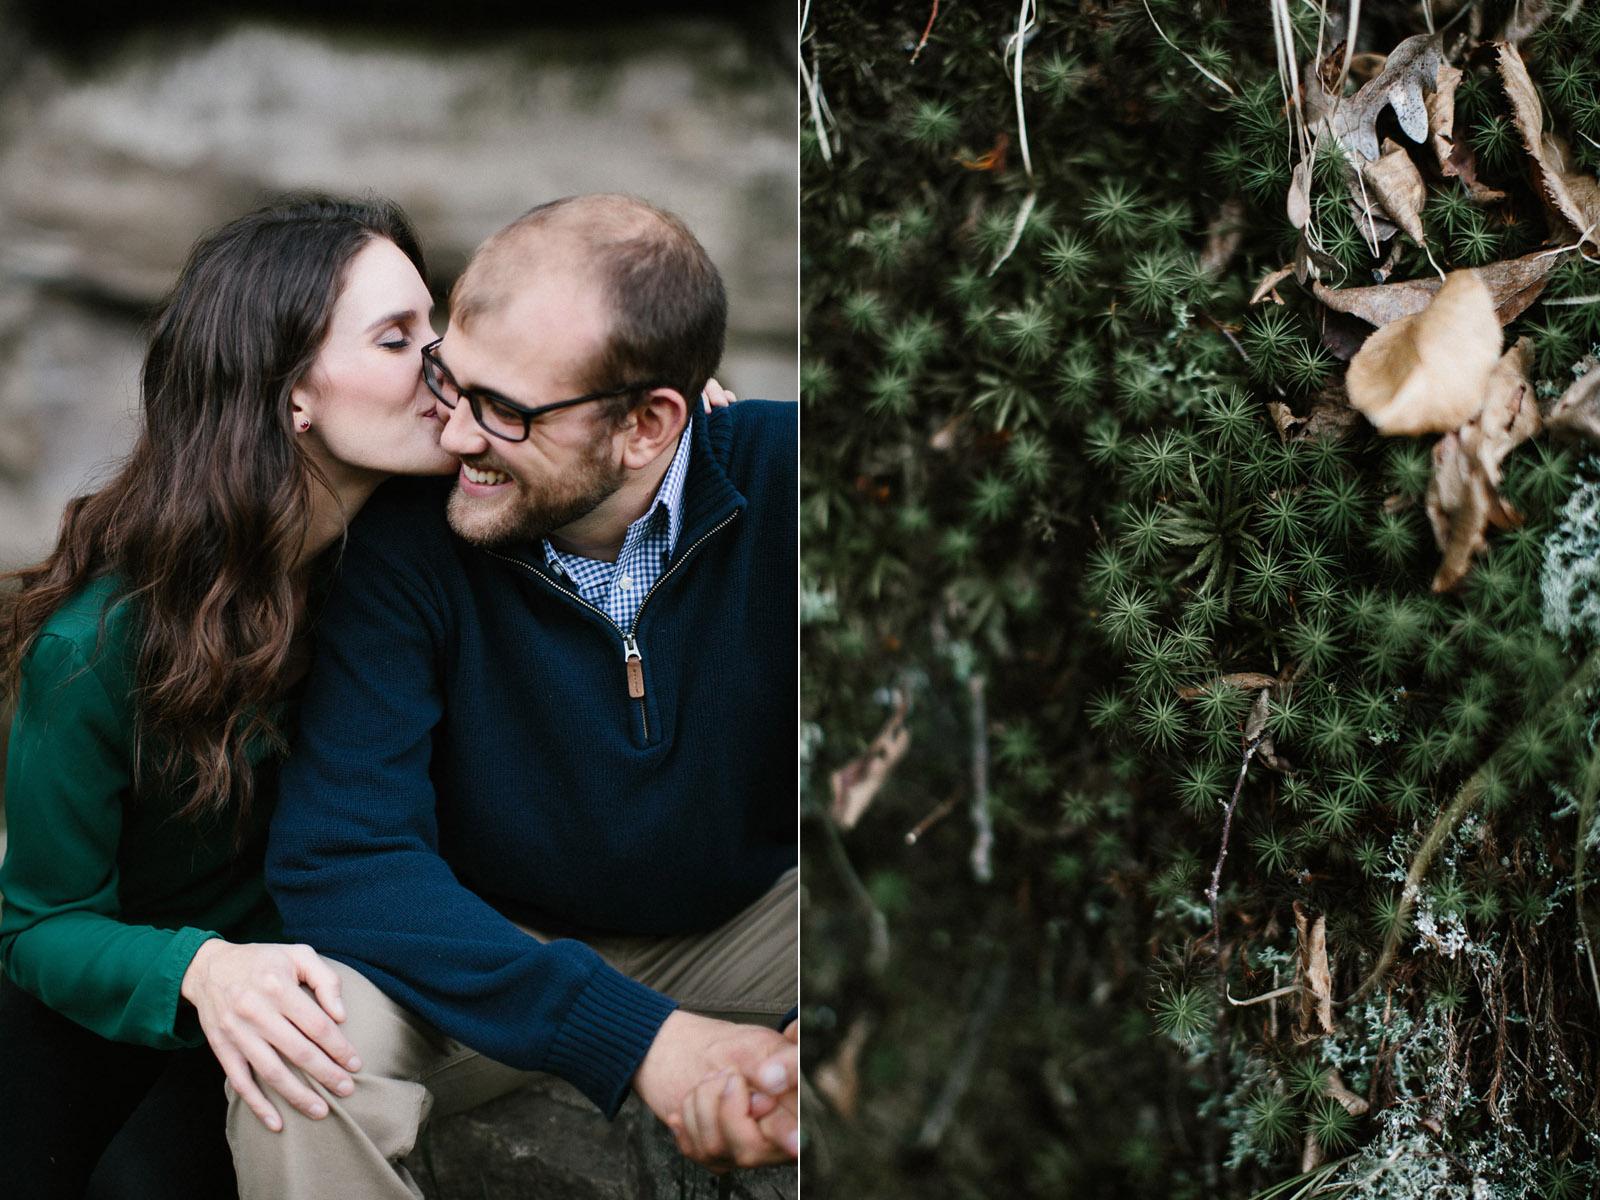 Meaghan&Matt_Ledges_State_Park_Engagement_Photographer_22.jpg